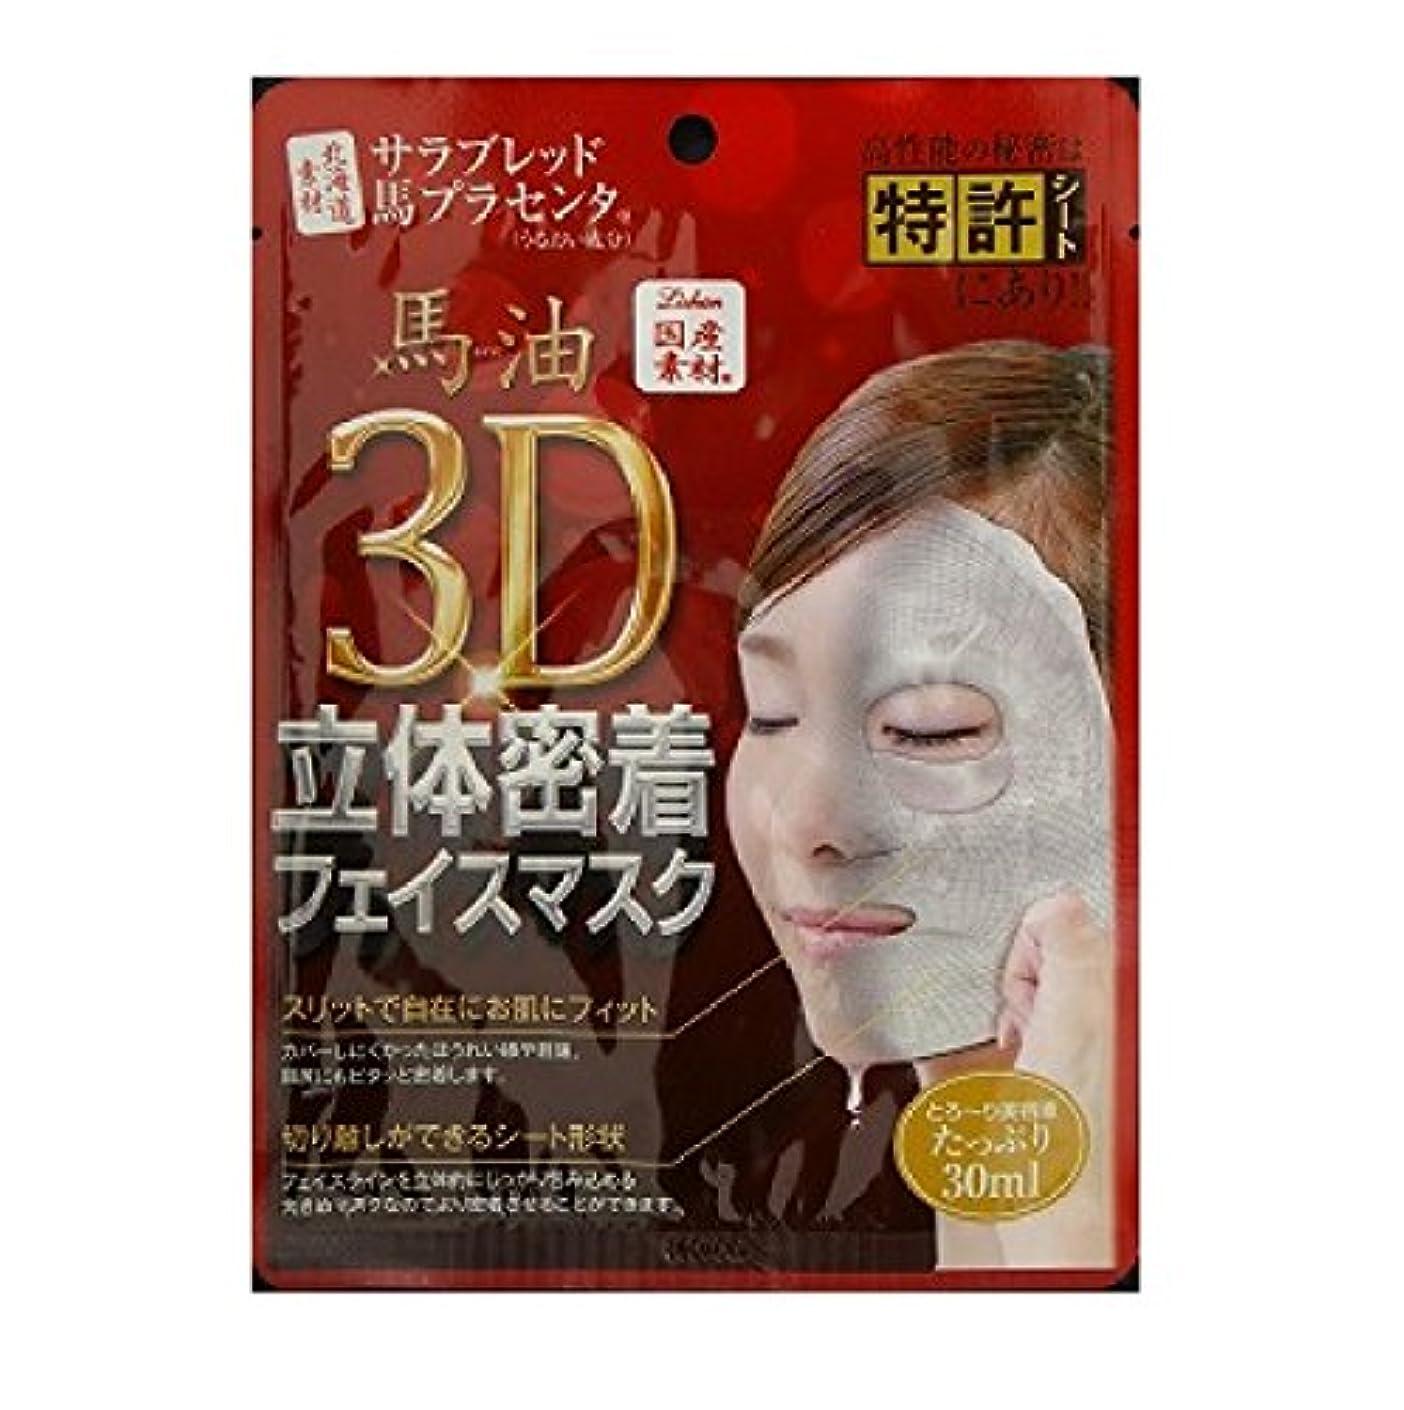 竜巻自発的テレマコスナヴィス リシャン馬油3D立体密着フェイスマスク無香料 1枚入り